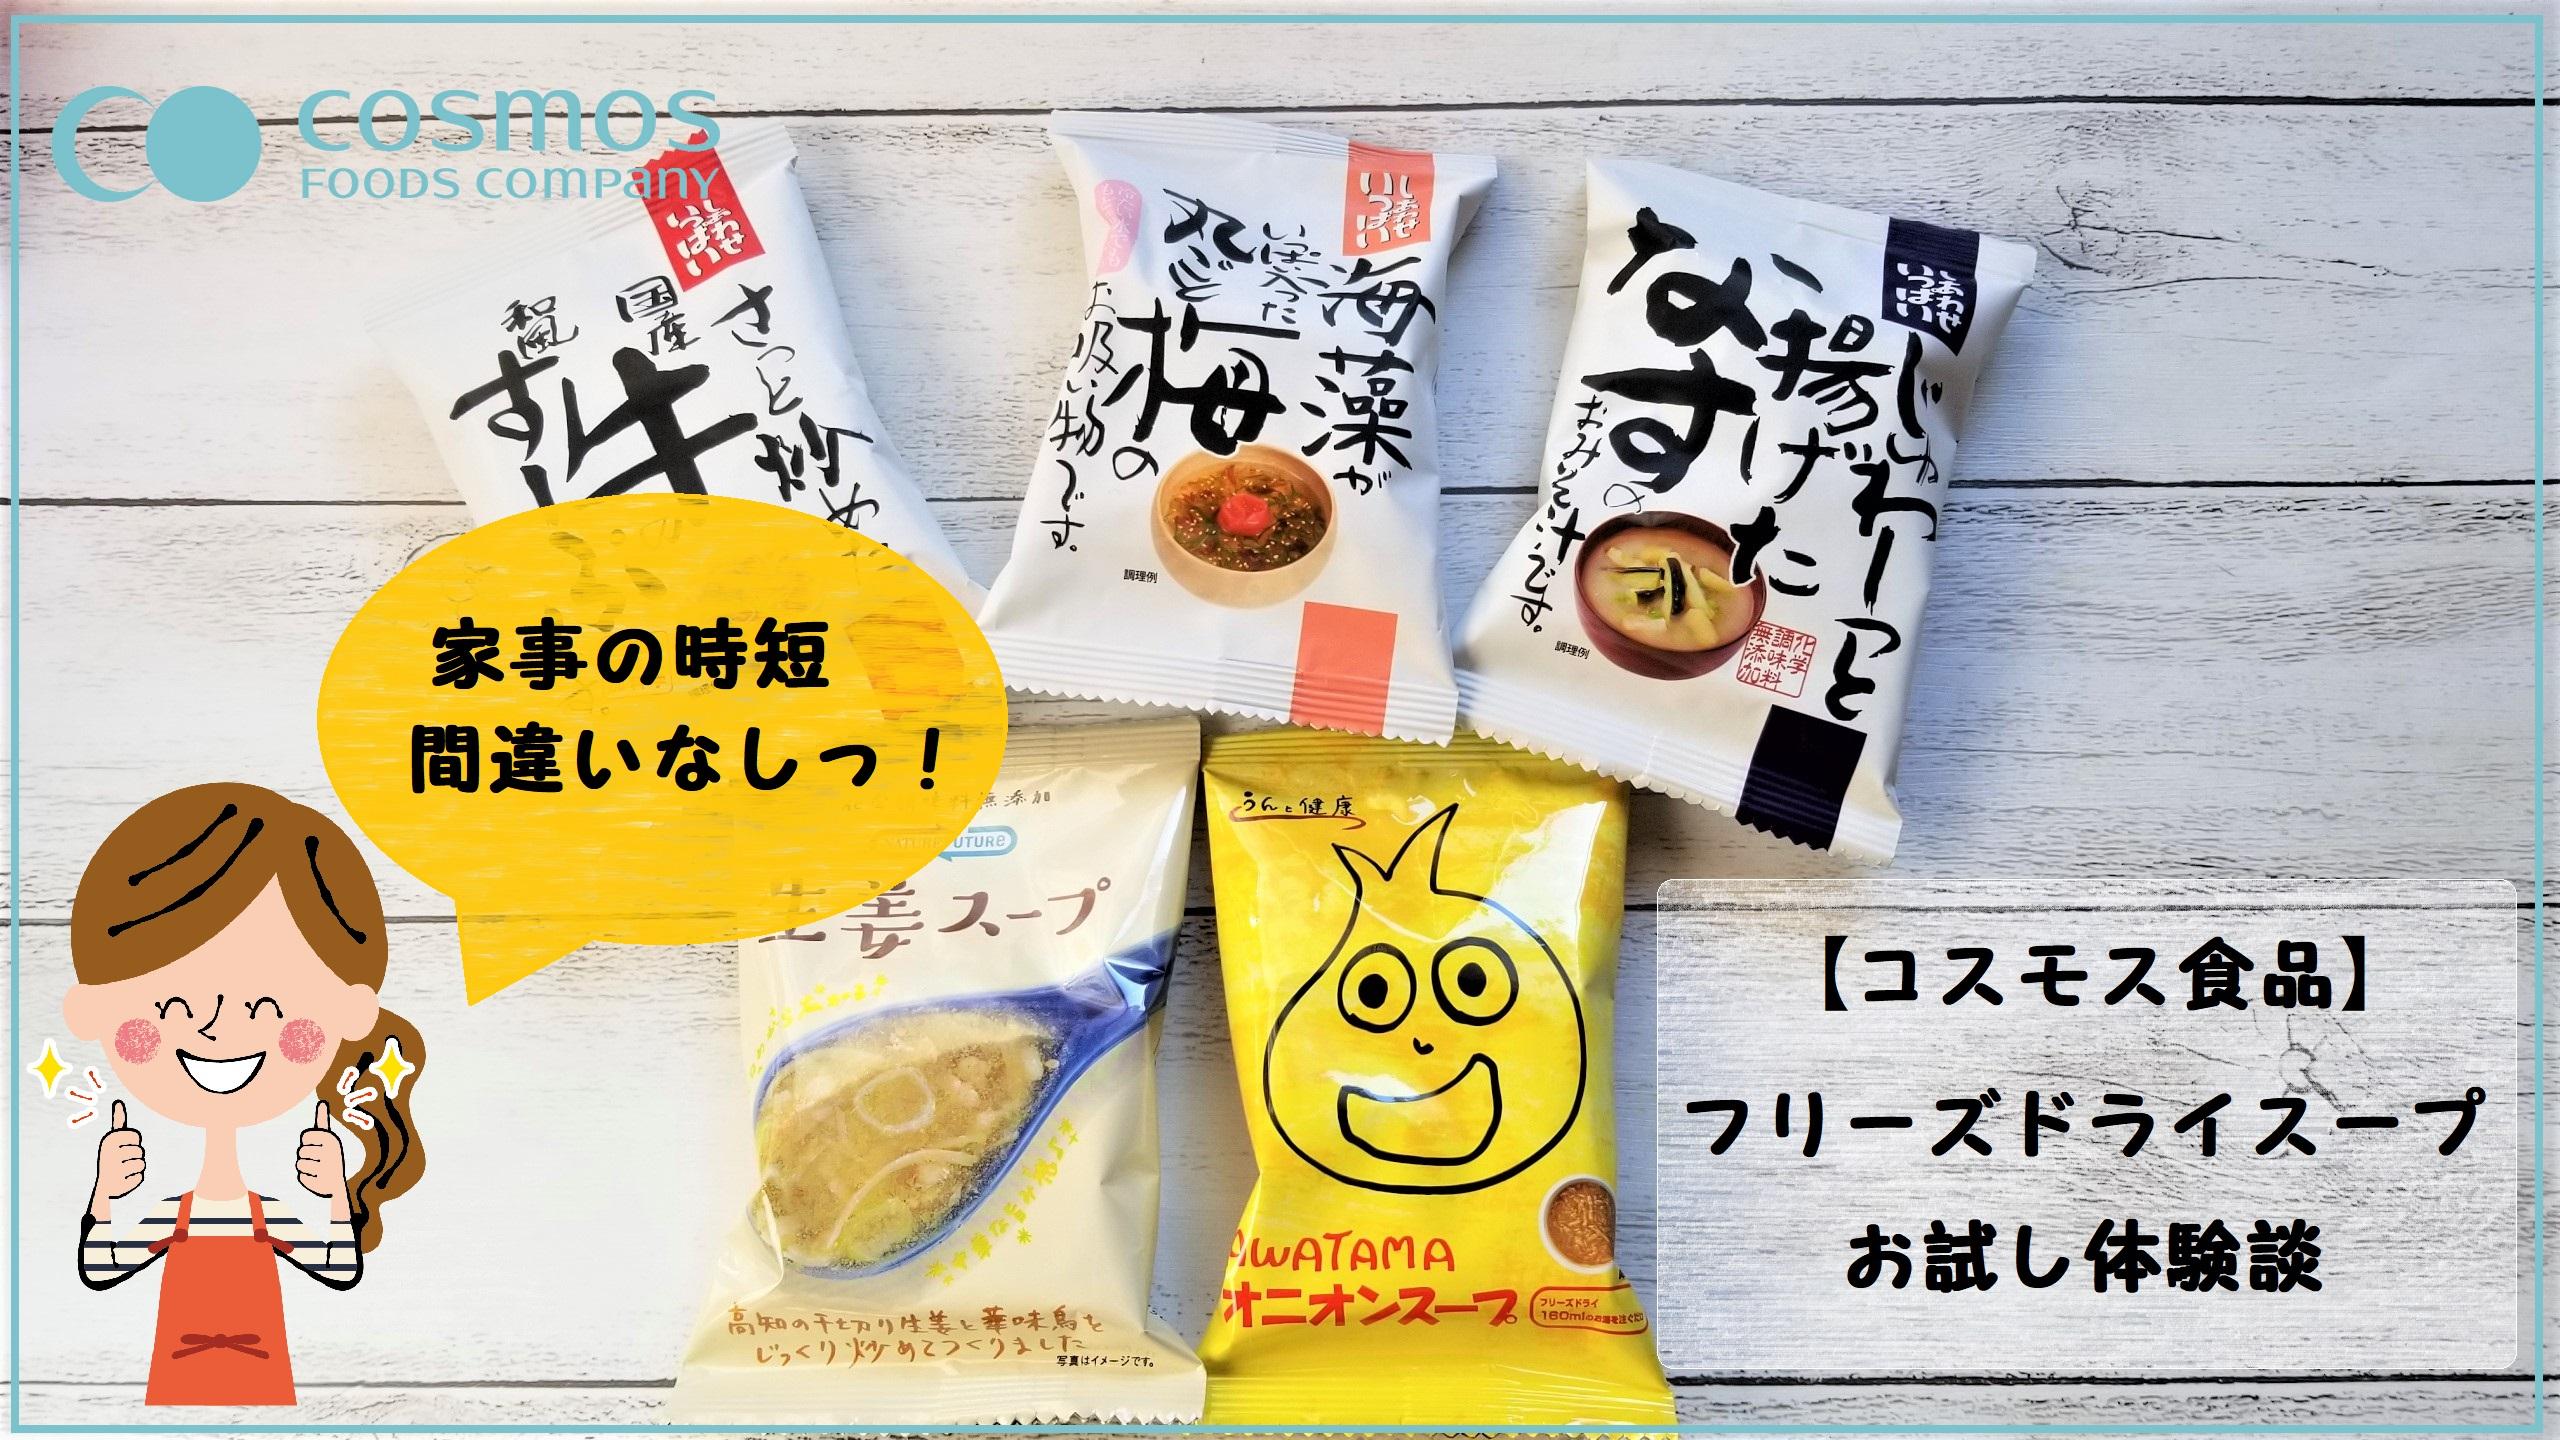 【コスモス食品オンラインショップ】フリーズドライを片っ端からお試し!